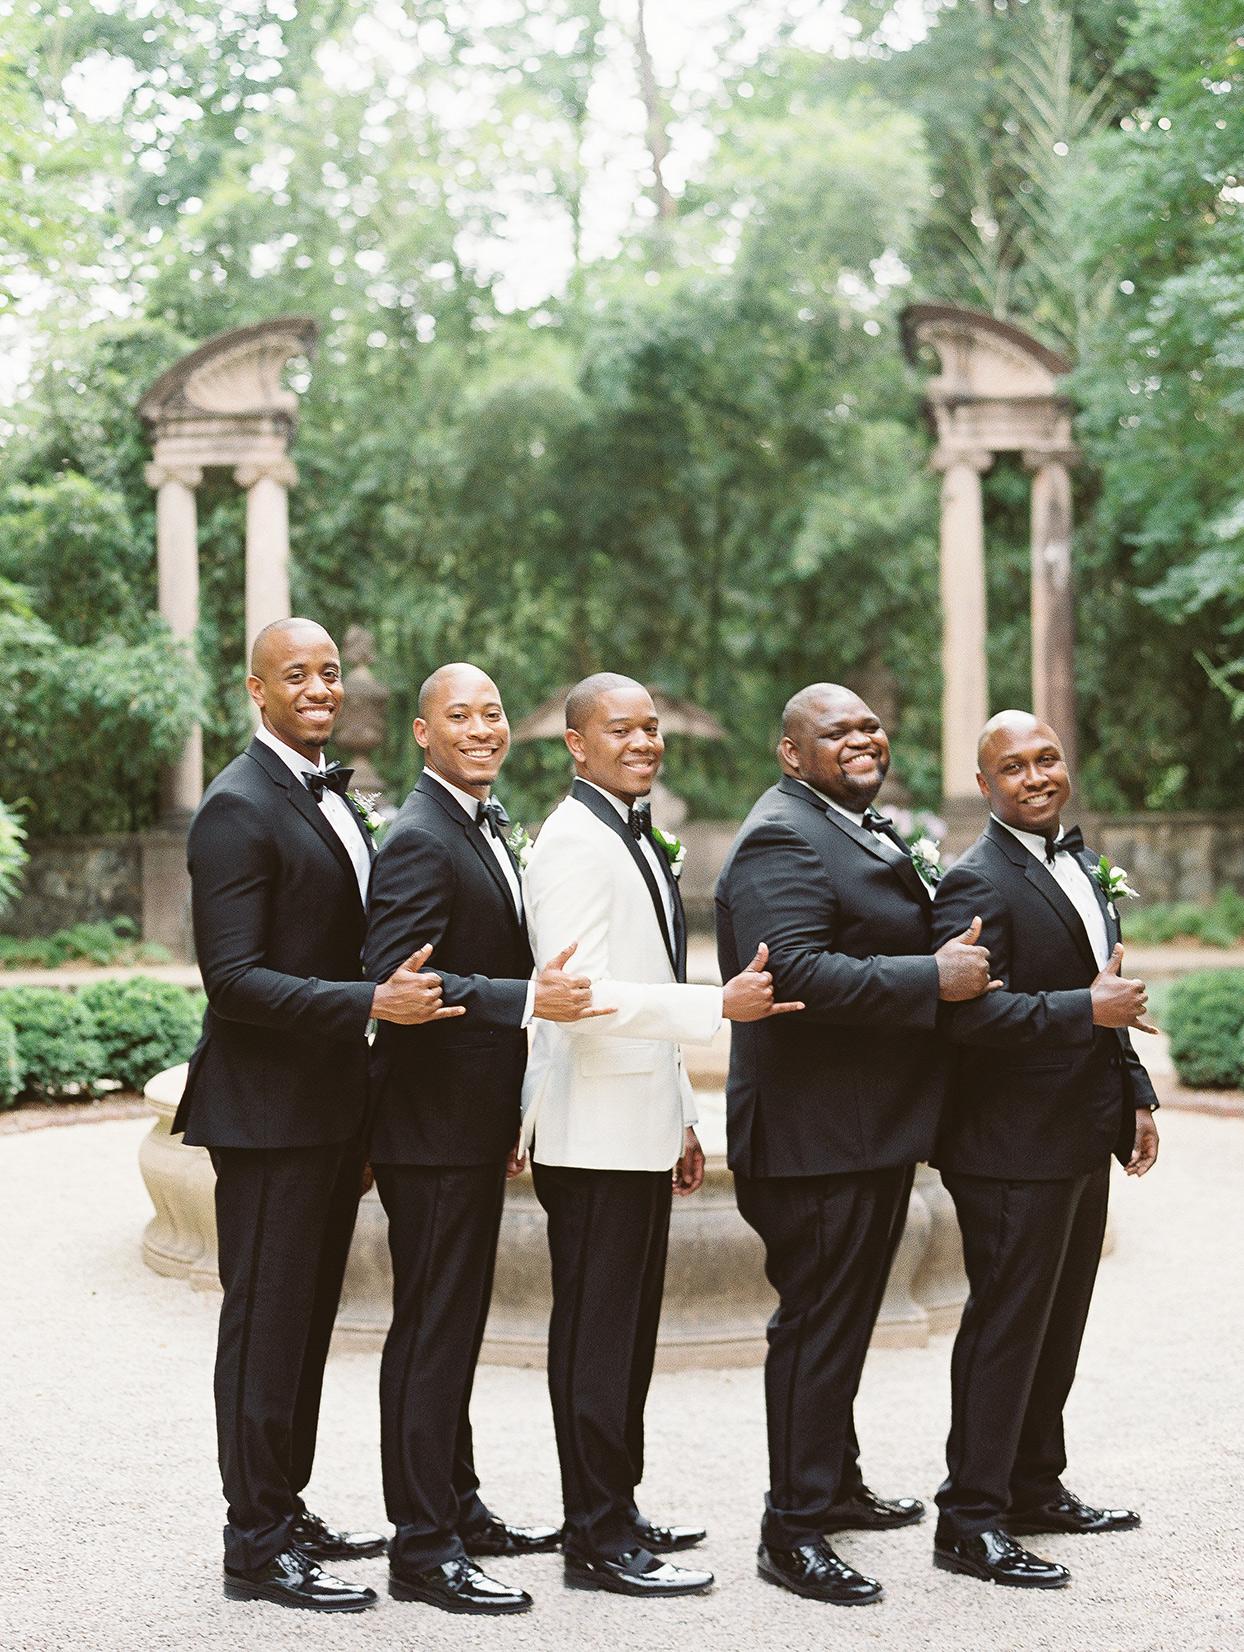 amelia justin wedding groomsmen in black